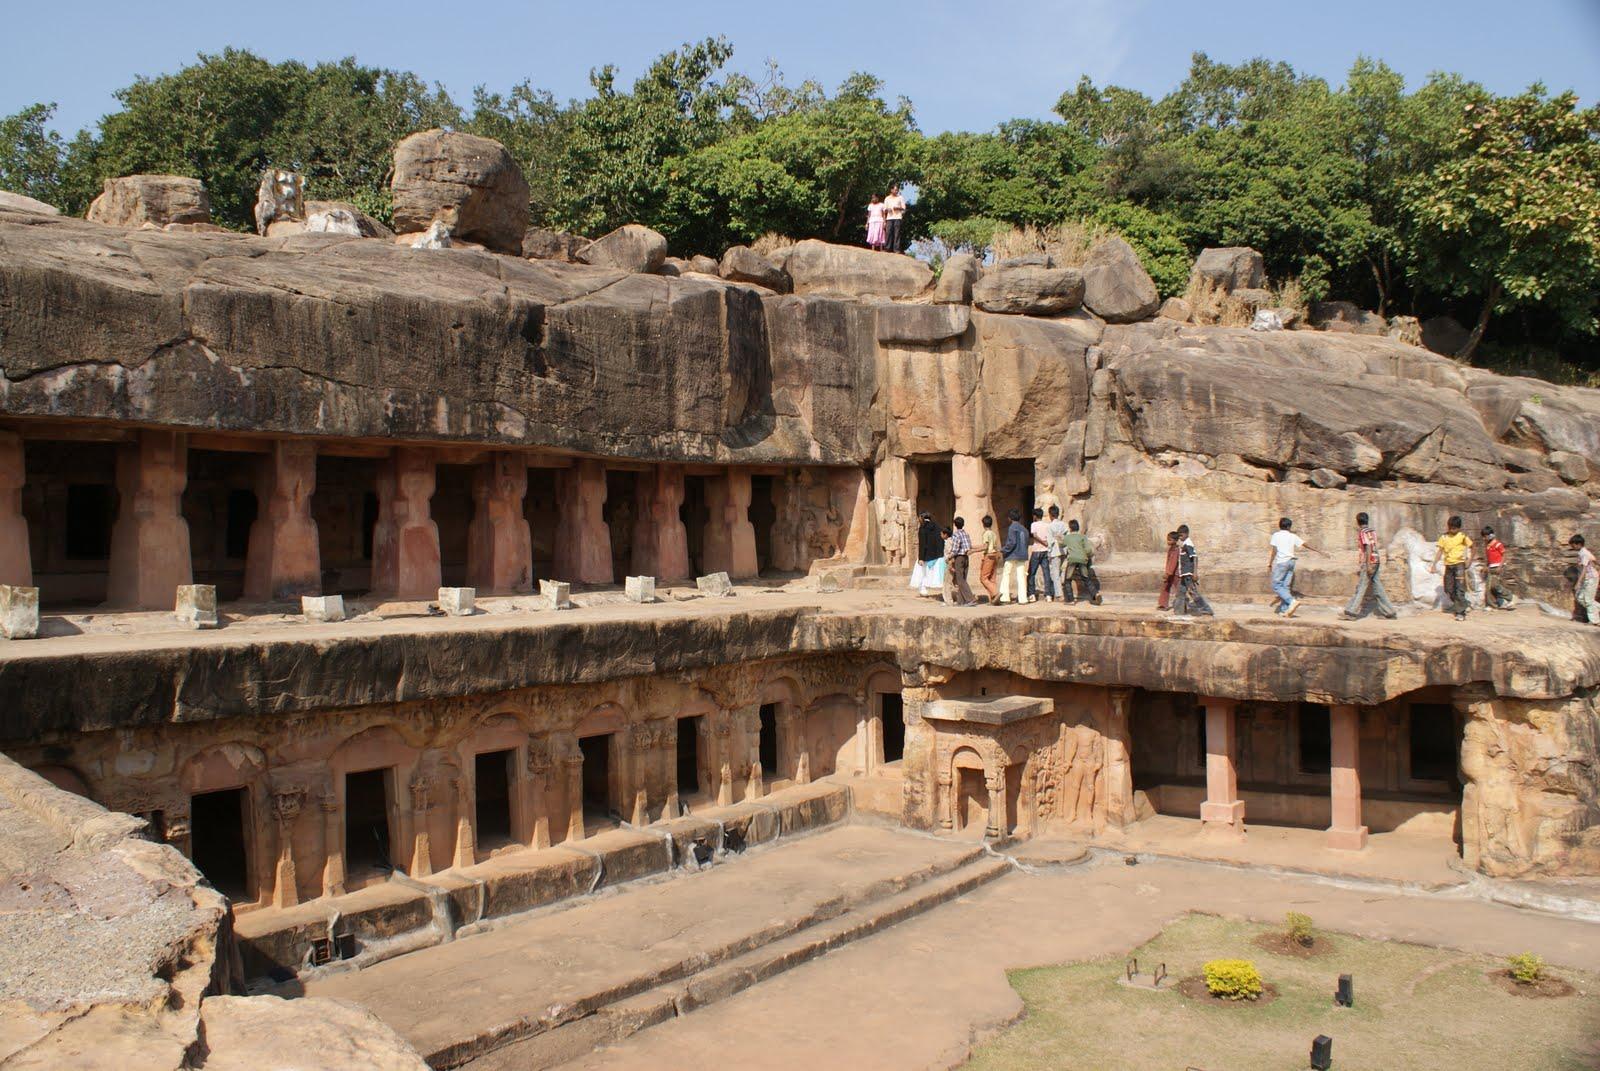 Mana Sanskriti Our Culture  Brahmin brahmana caste